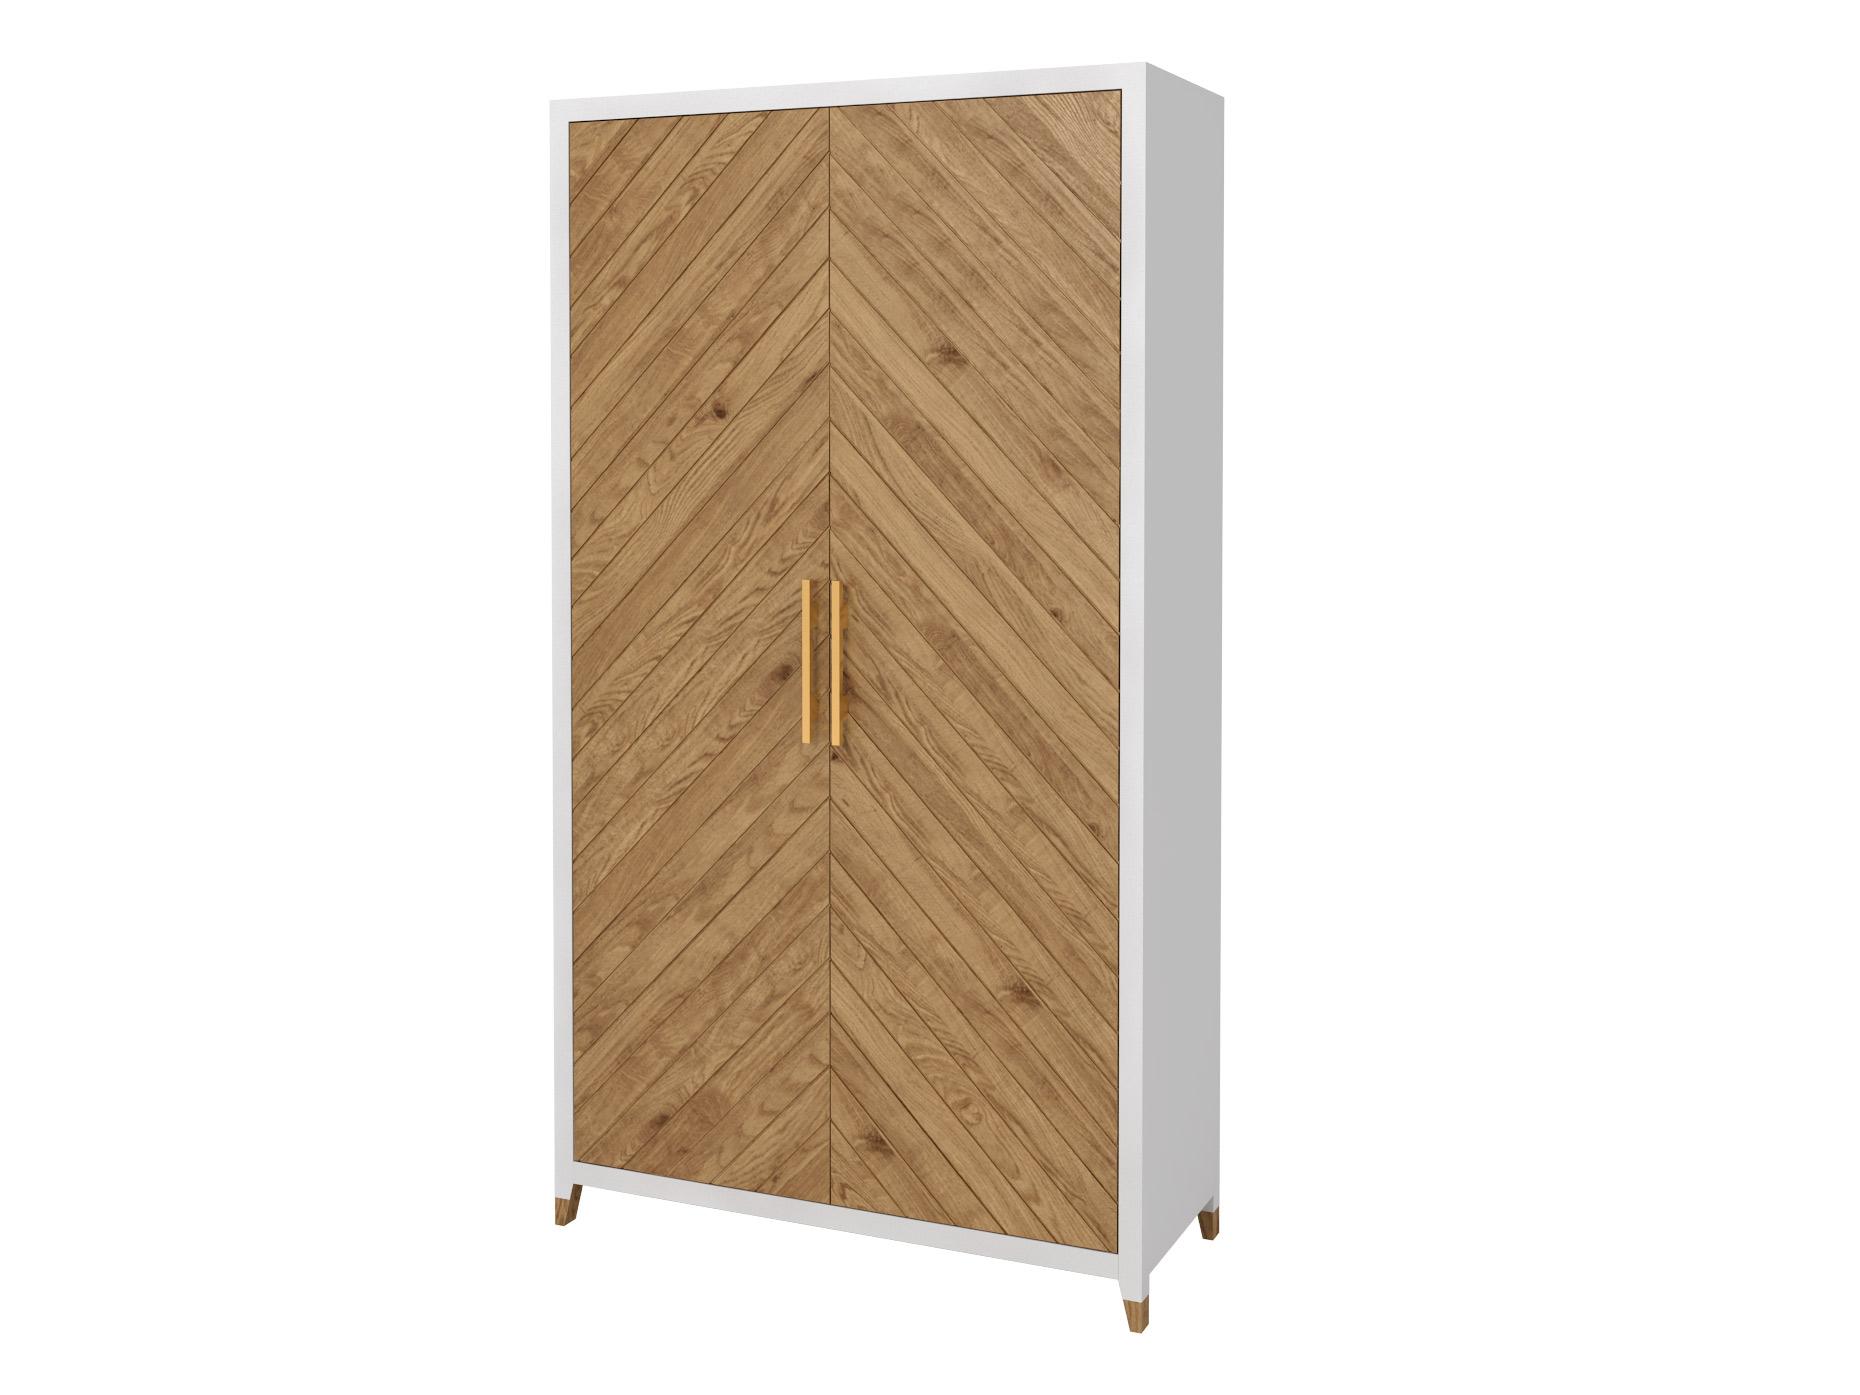 Гардеробный шкаф ArnikaПлатяные шкафы<br>Гардеробный шкаф из коллекции &amp;quot;Arnika&amp;quot;.&amp;amp;nbsp;&amp;lt;div&amp;gt;Выполнен из массива дуба.&amp;amp;nbsp;&amp;lt;/div&amp;gt;&amp;lt;div&amp;gt;&amp;lt;br&amp;gt;&amp;lt;/div&amp;gt;<br><br>Material: Дуб<br>Ширина см: 112.0<br>Высота см: 200.0<br>Глубина см: 49.0